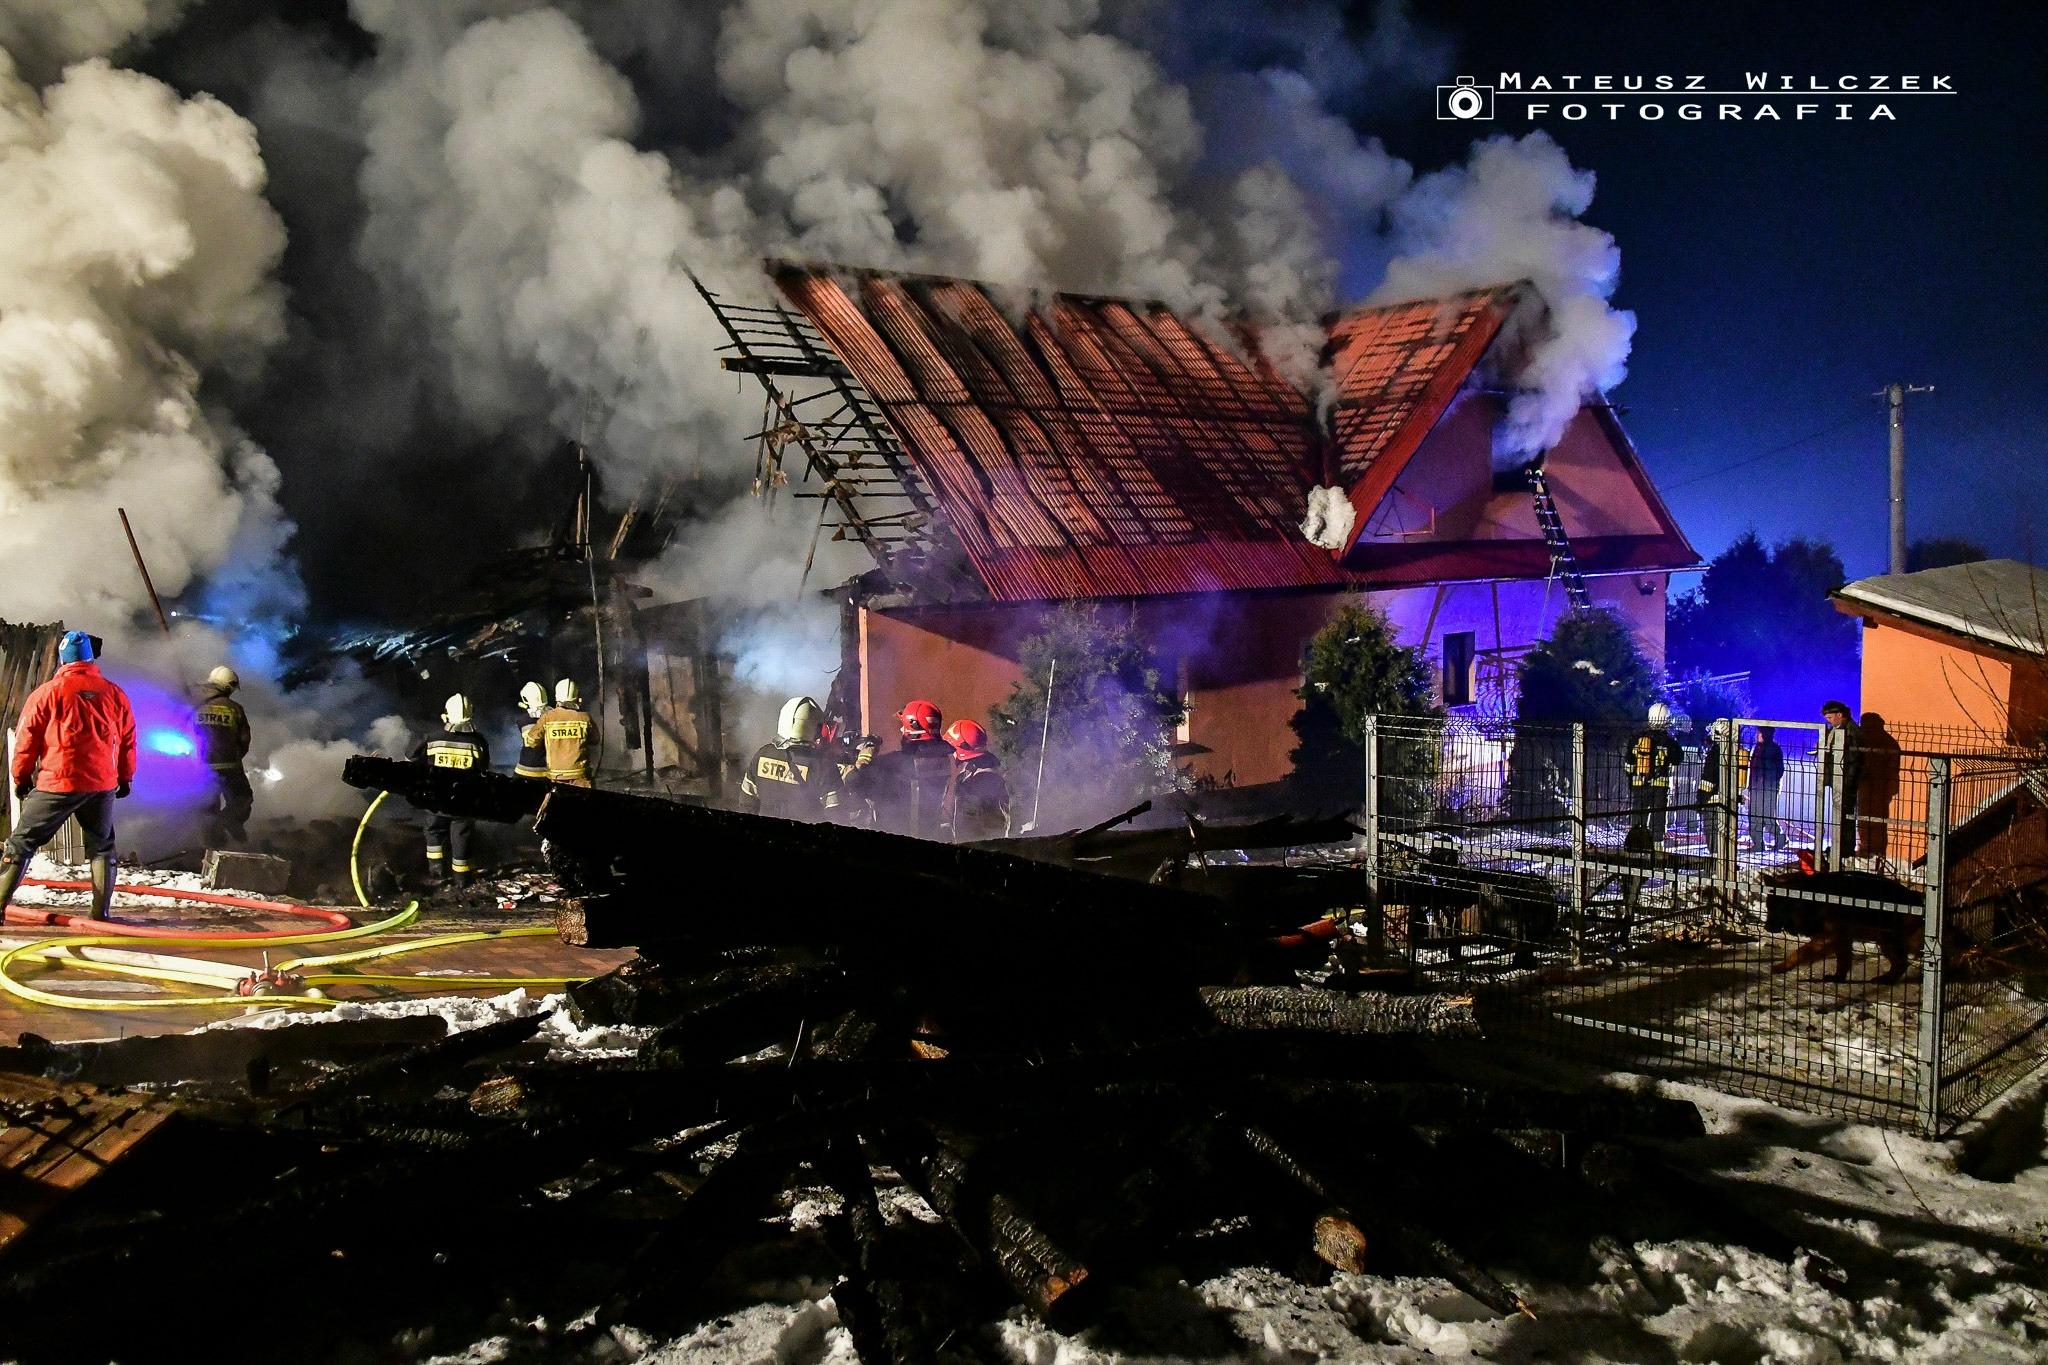 Ogromny pożar budynku. W nocy w akcji brało kilkanaście zastępów straży pożarnej